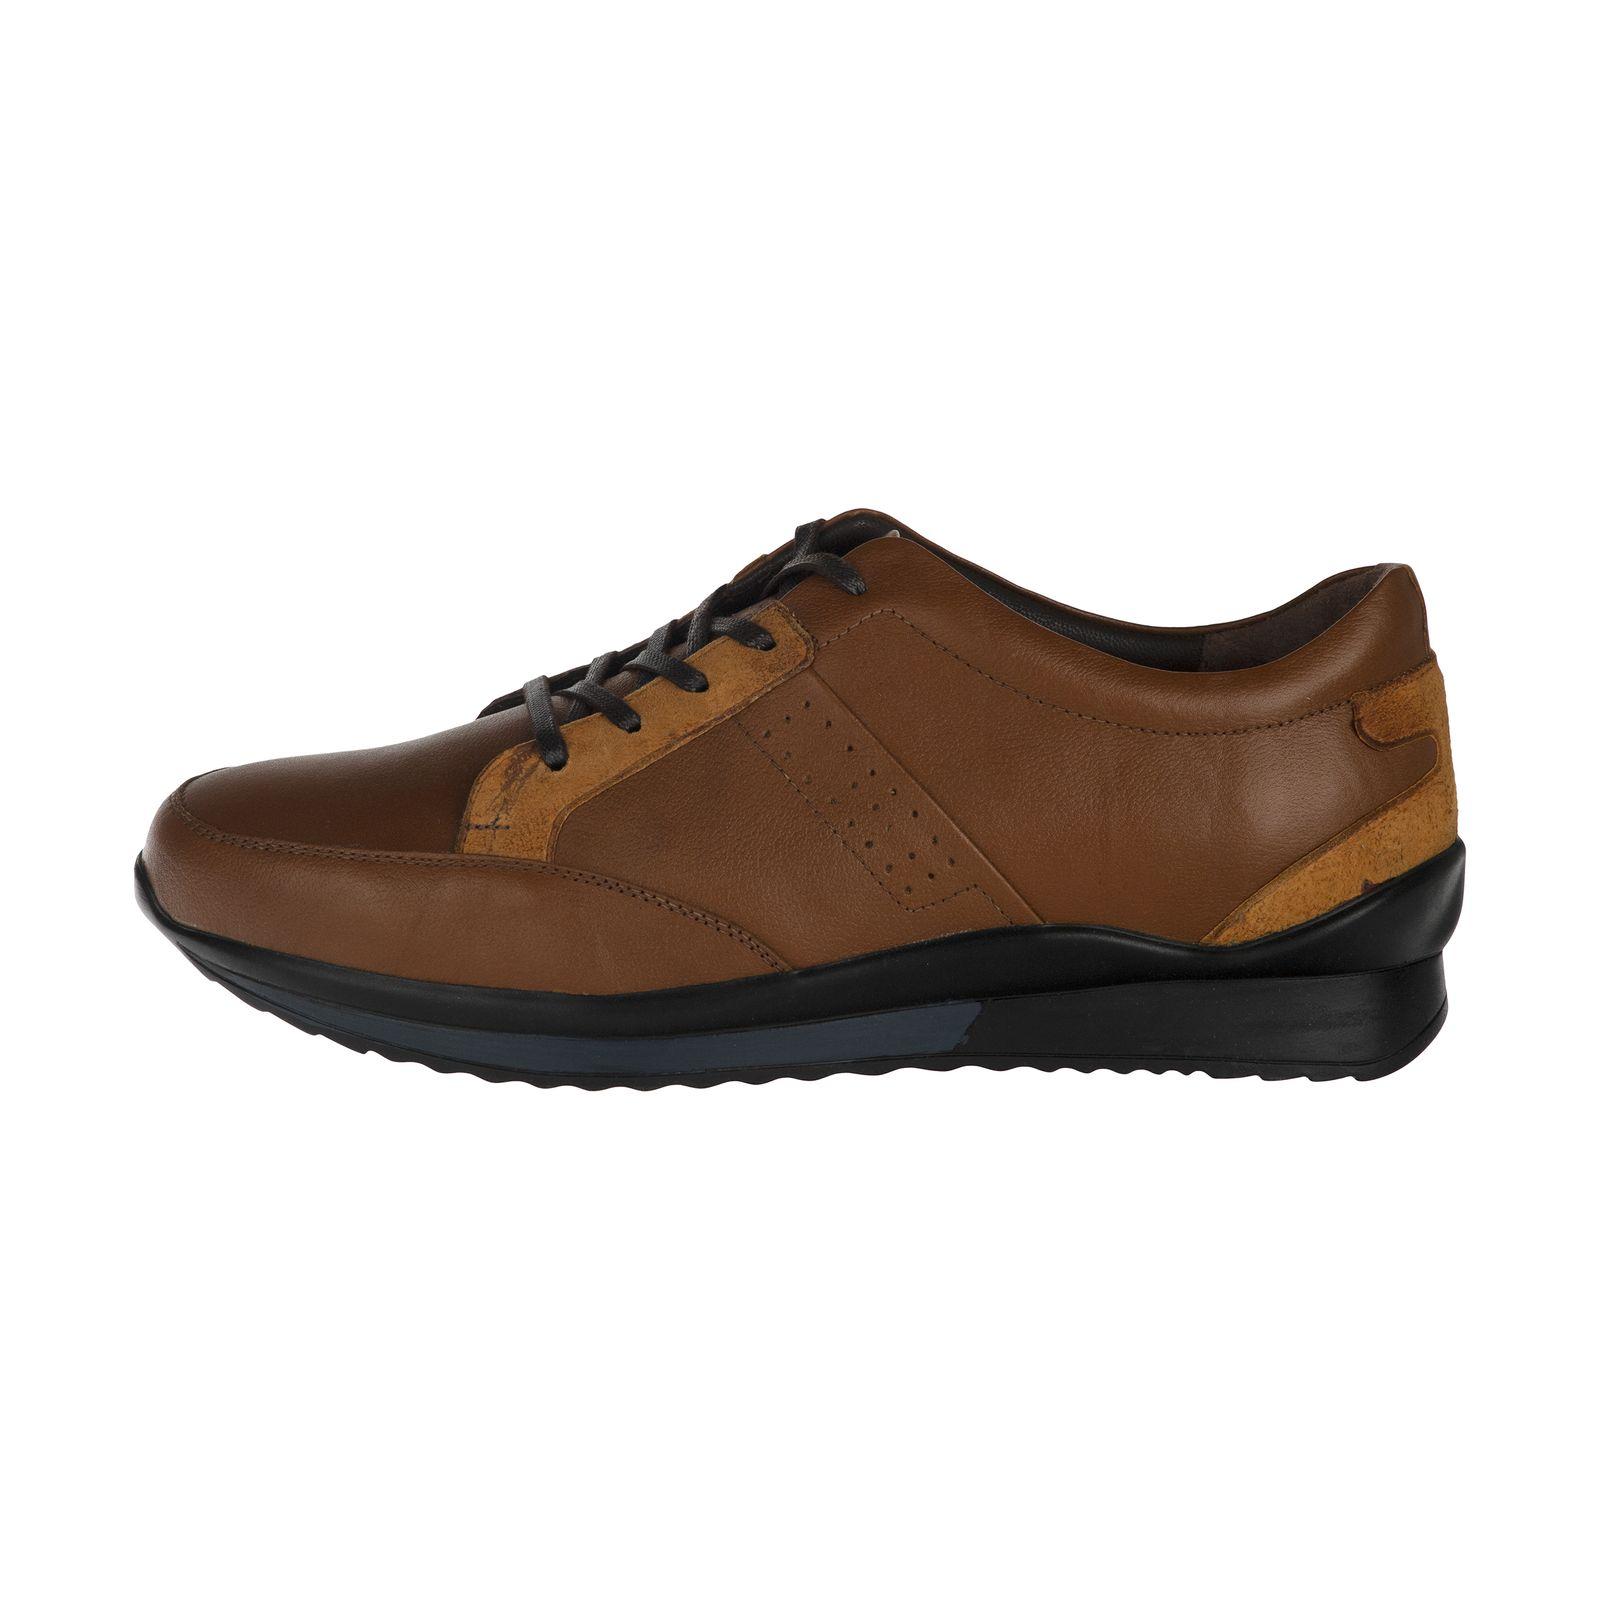 کفش روزمره مردانه بلوط مدل 7298A503136 -  - 2